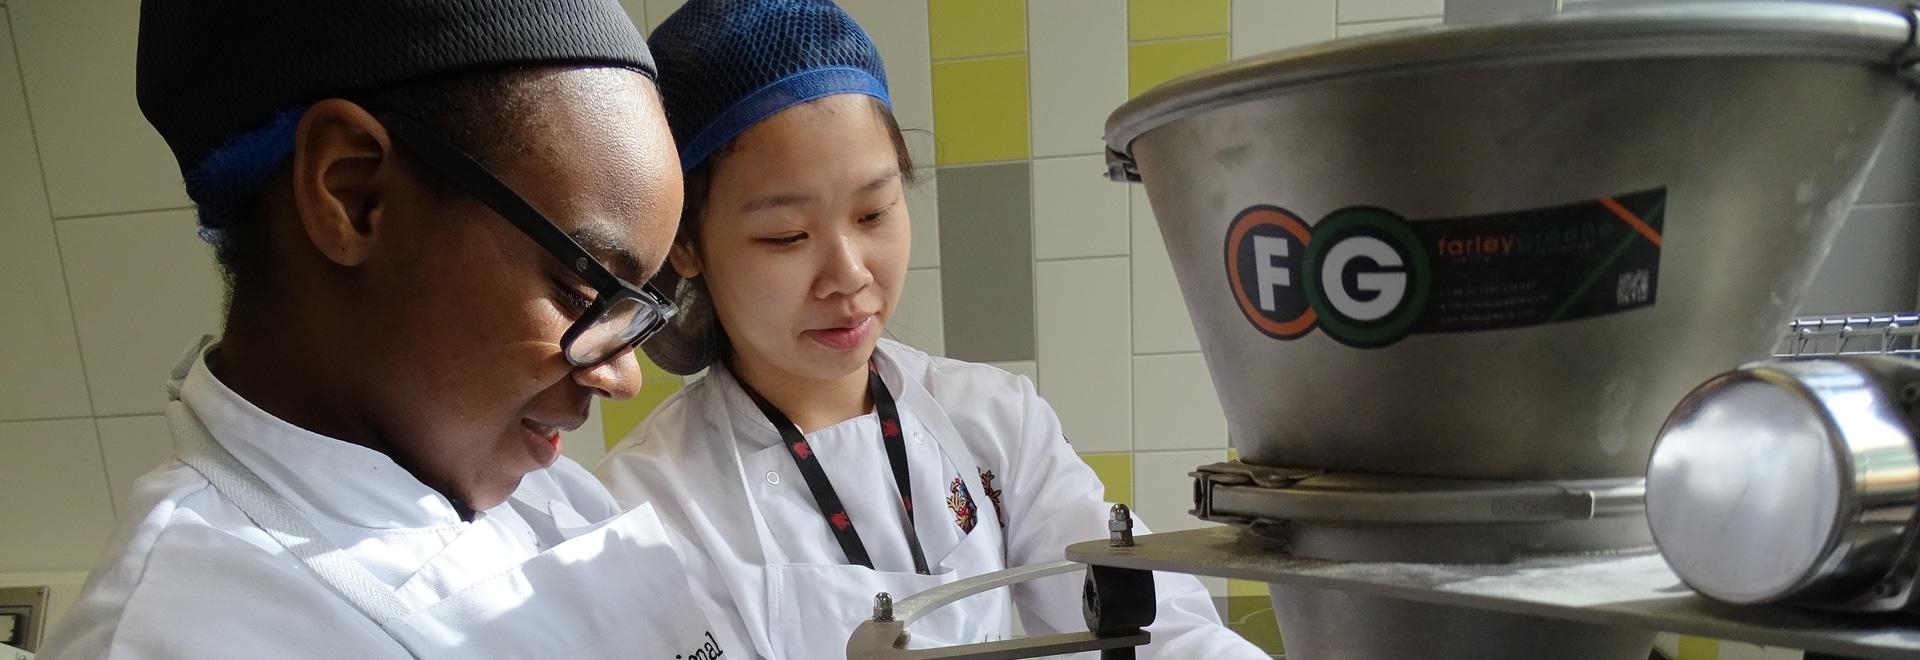 Farleygreene sont fier de partager sa connaissance avec de jeunes apprentis de boulanger.